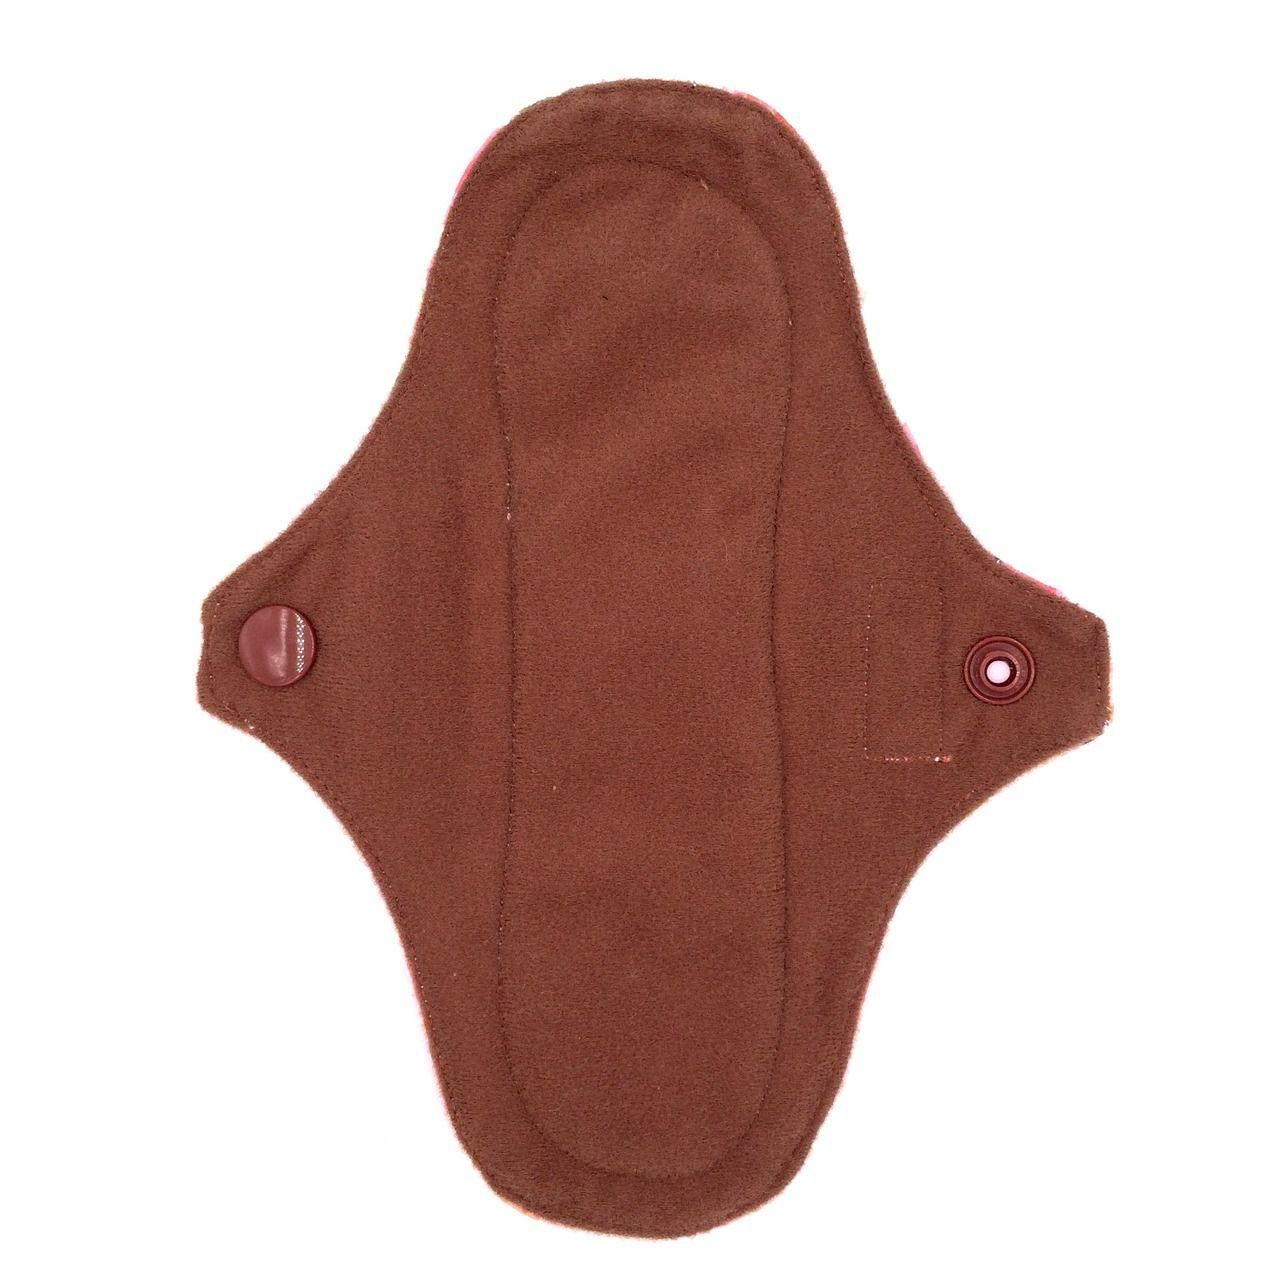 Kit Absorvente de Pano Reutilizável Korui Prático - Conforto Seco